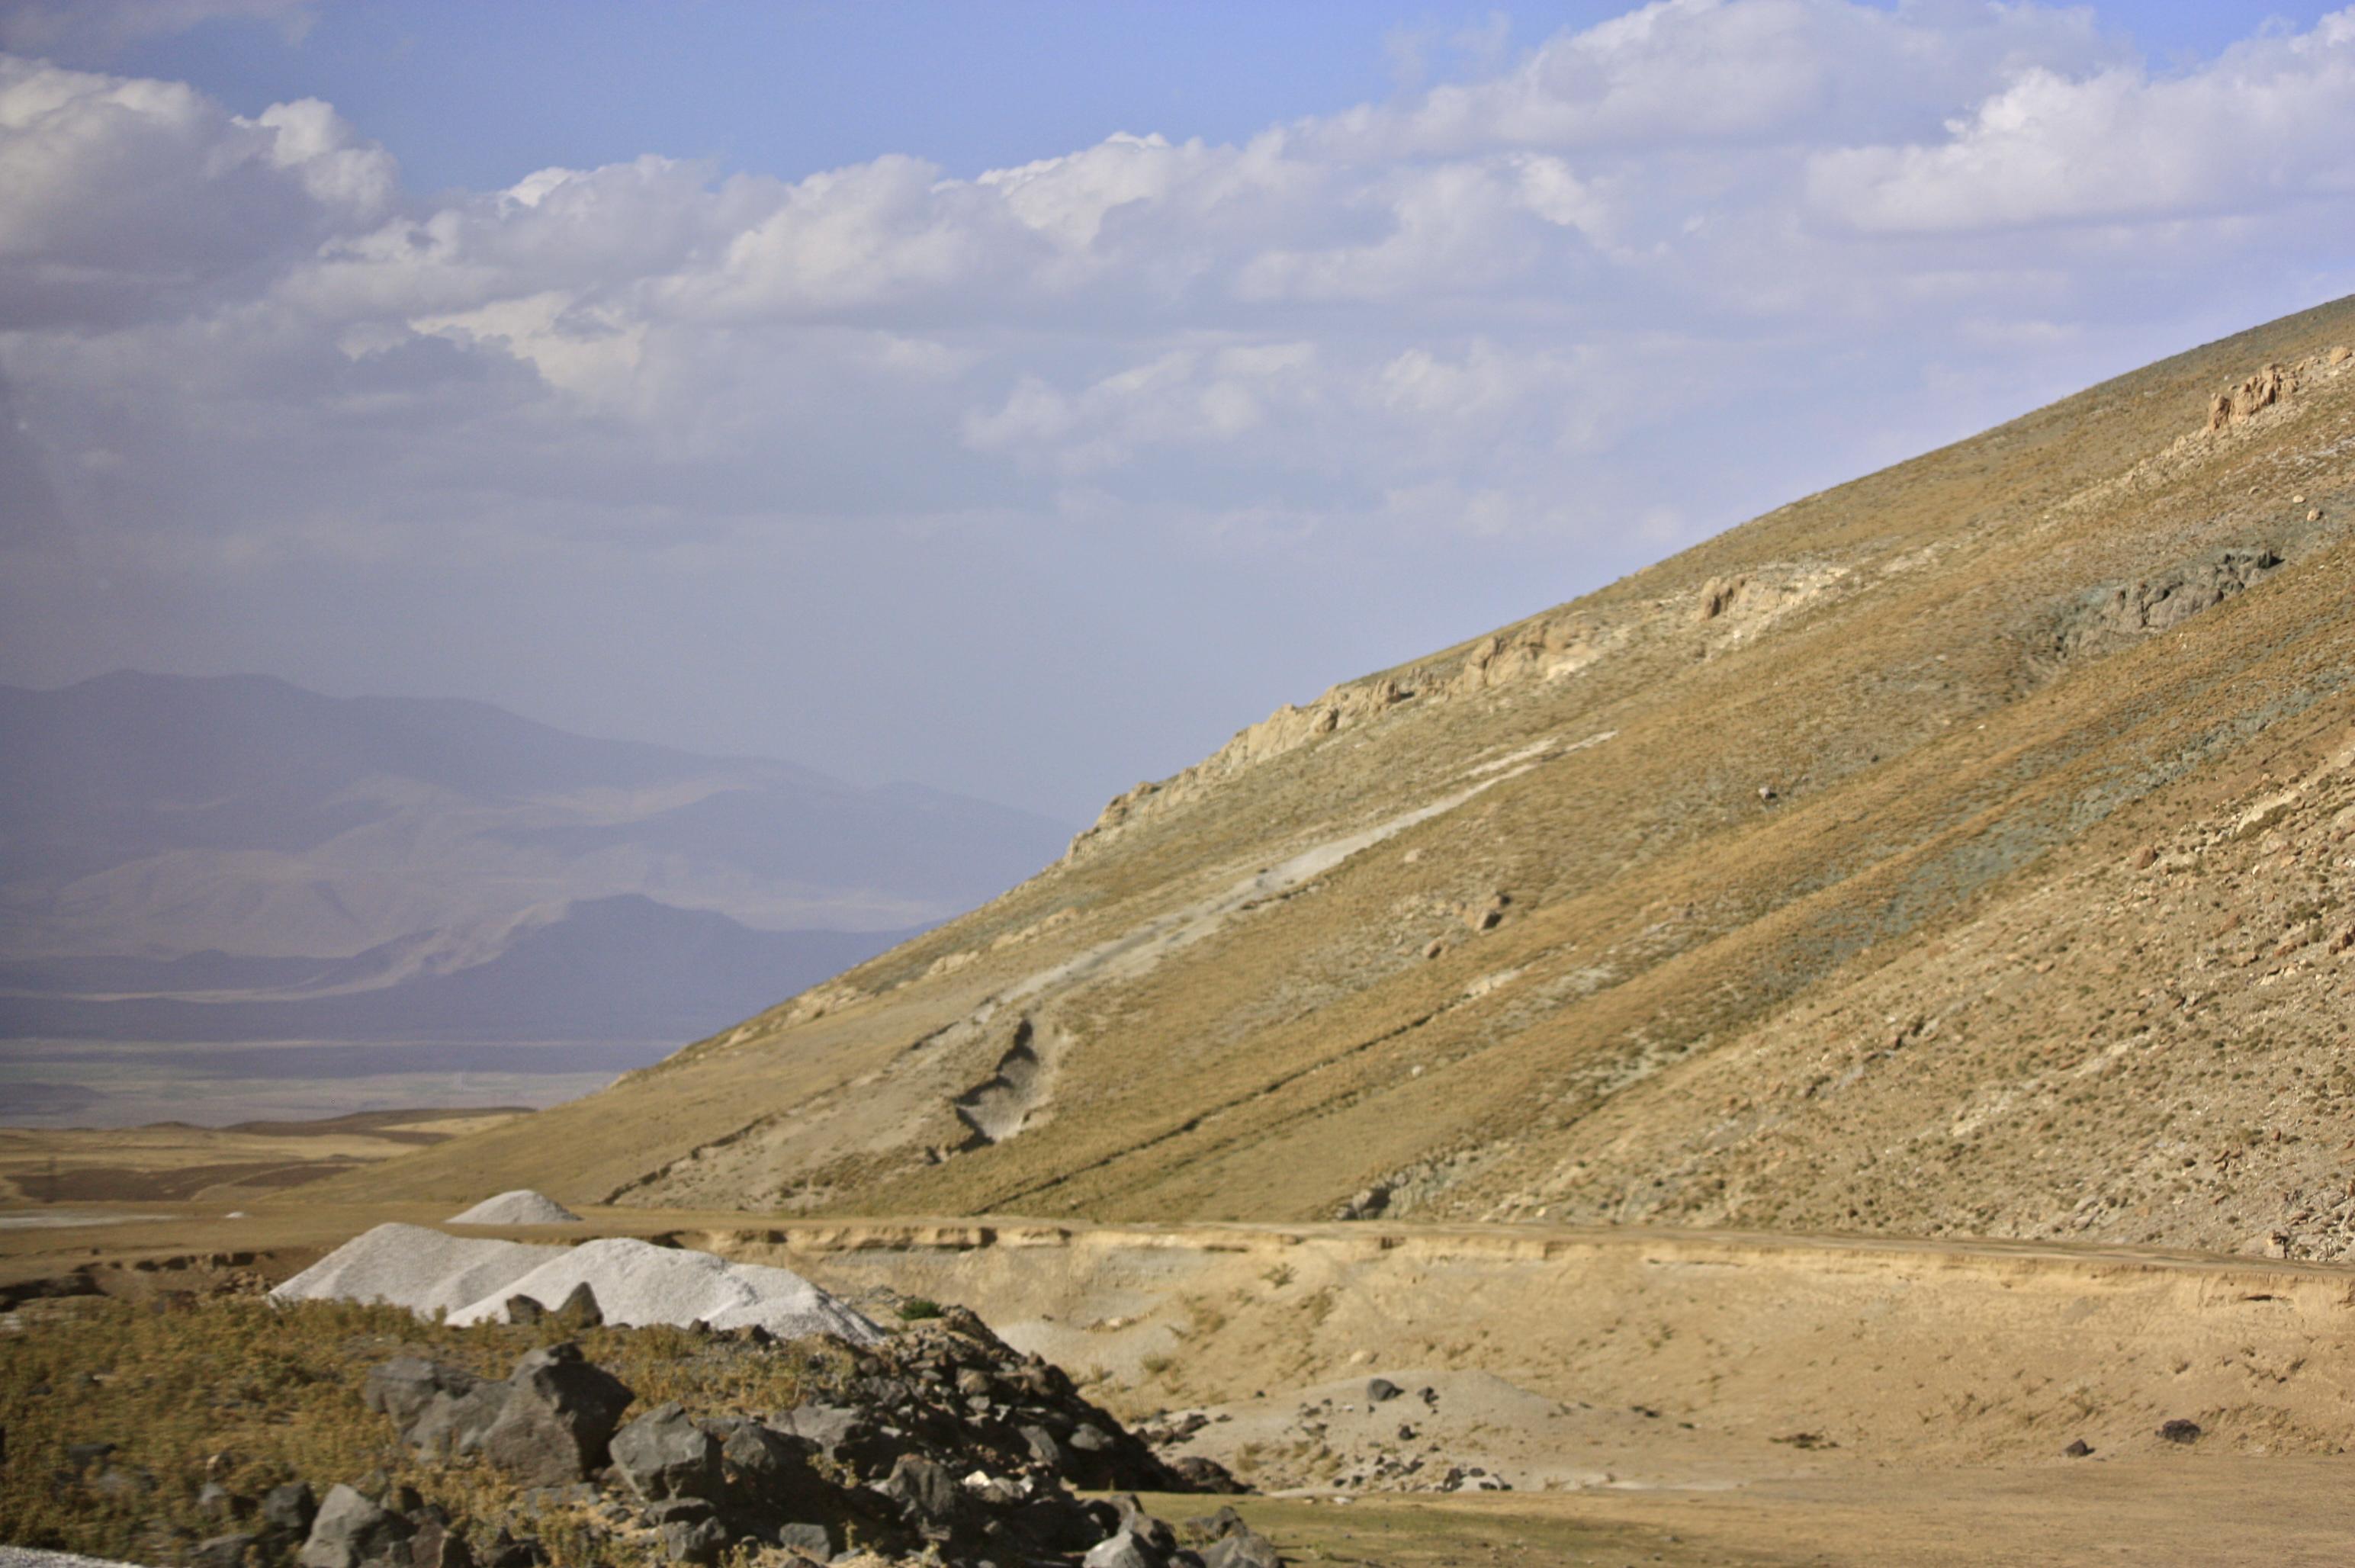 Itä-Turkki matka vuoristo